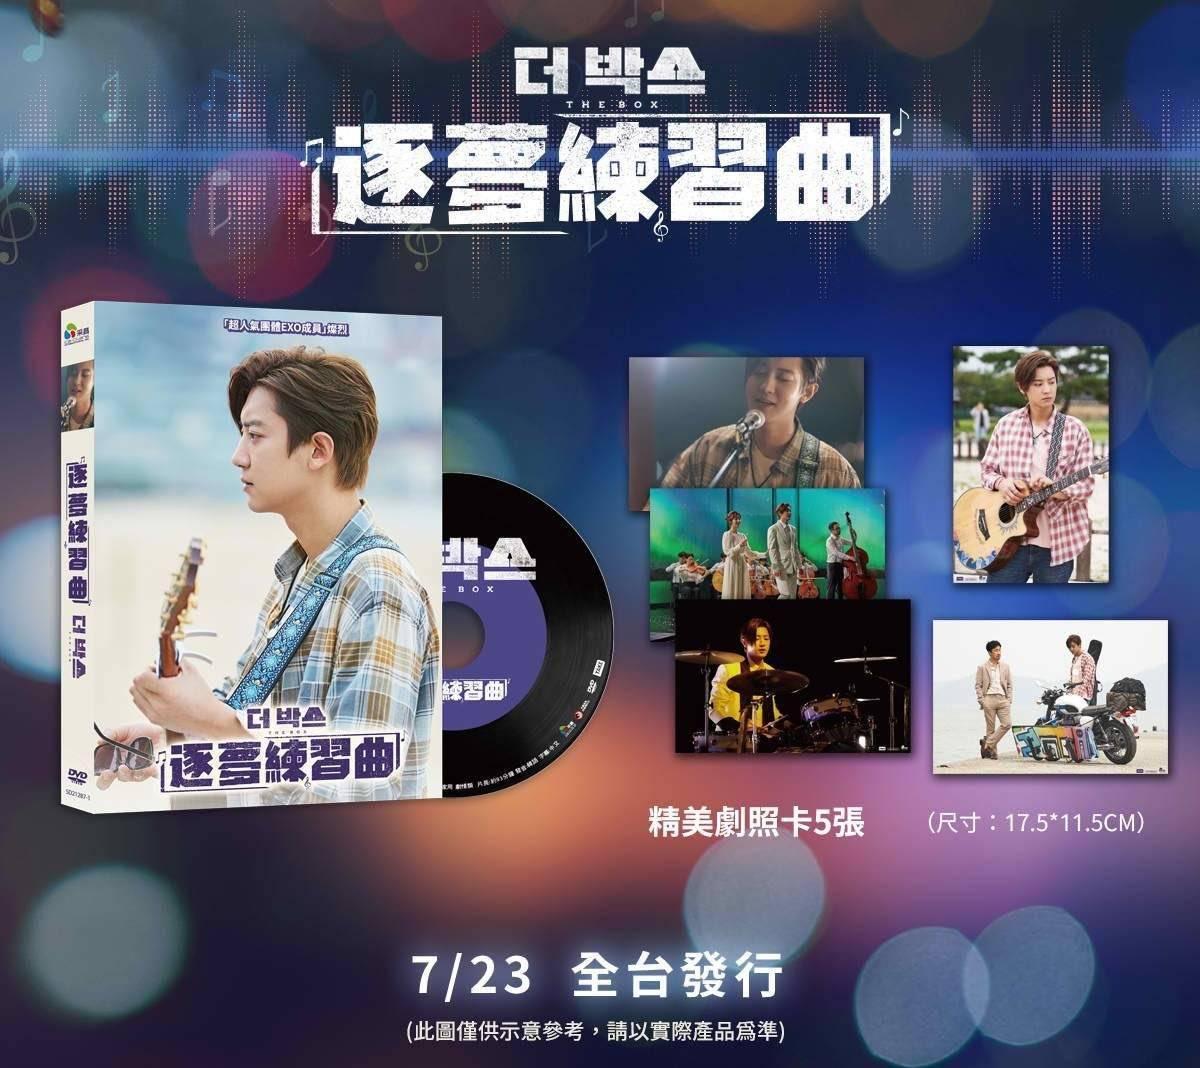 台湾怪谈台湾版dvd 纪倩倩的台湾怪谈